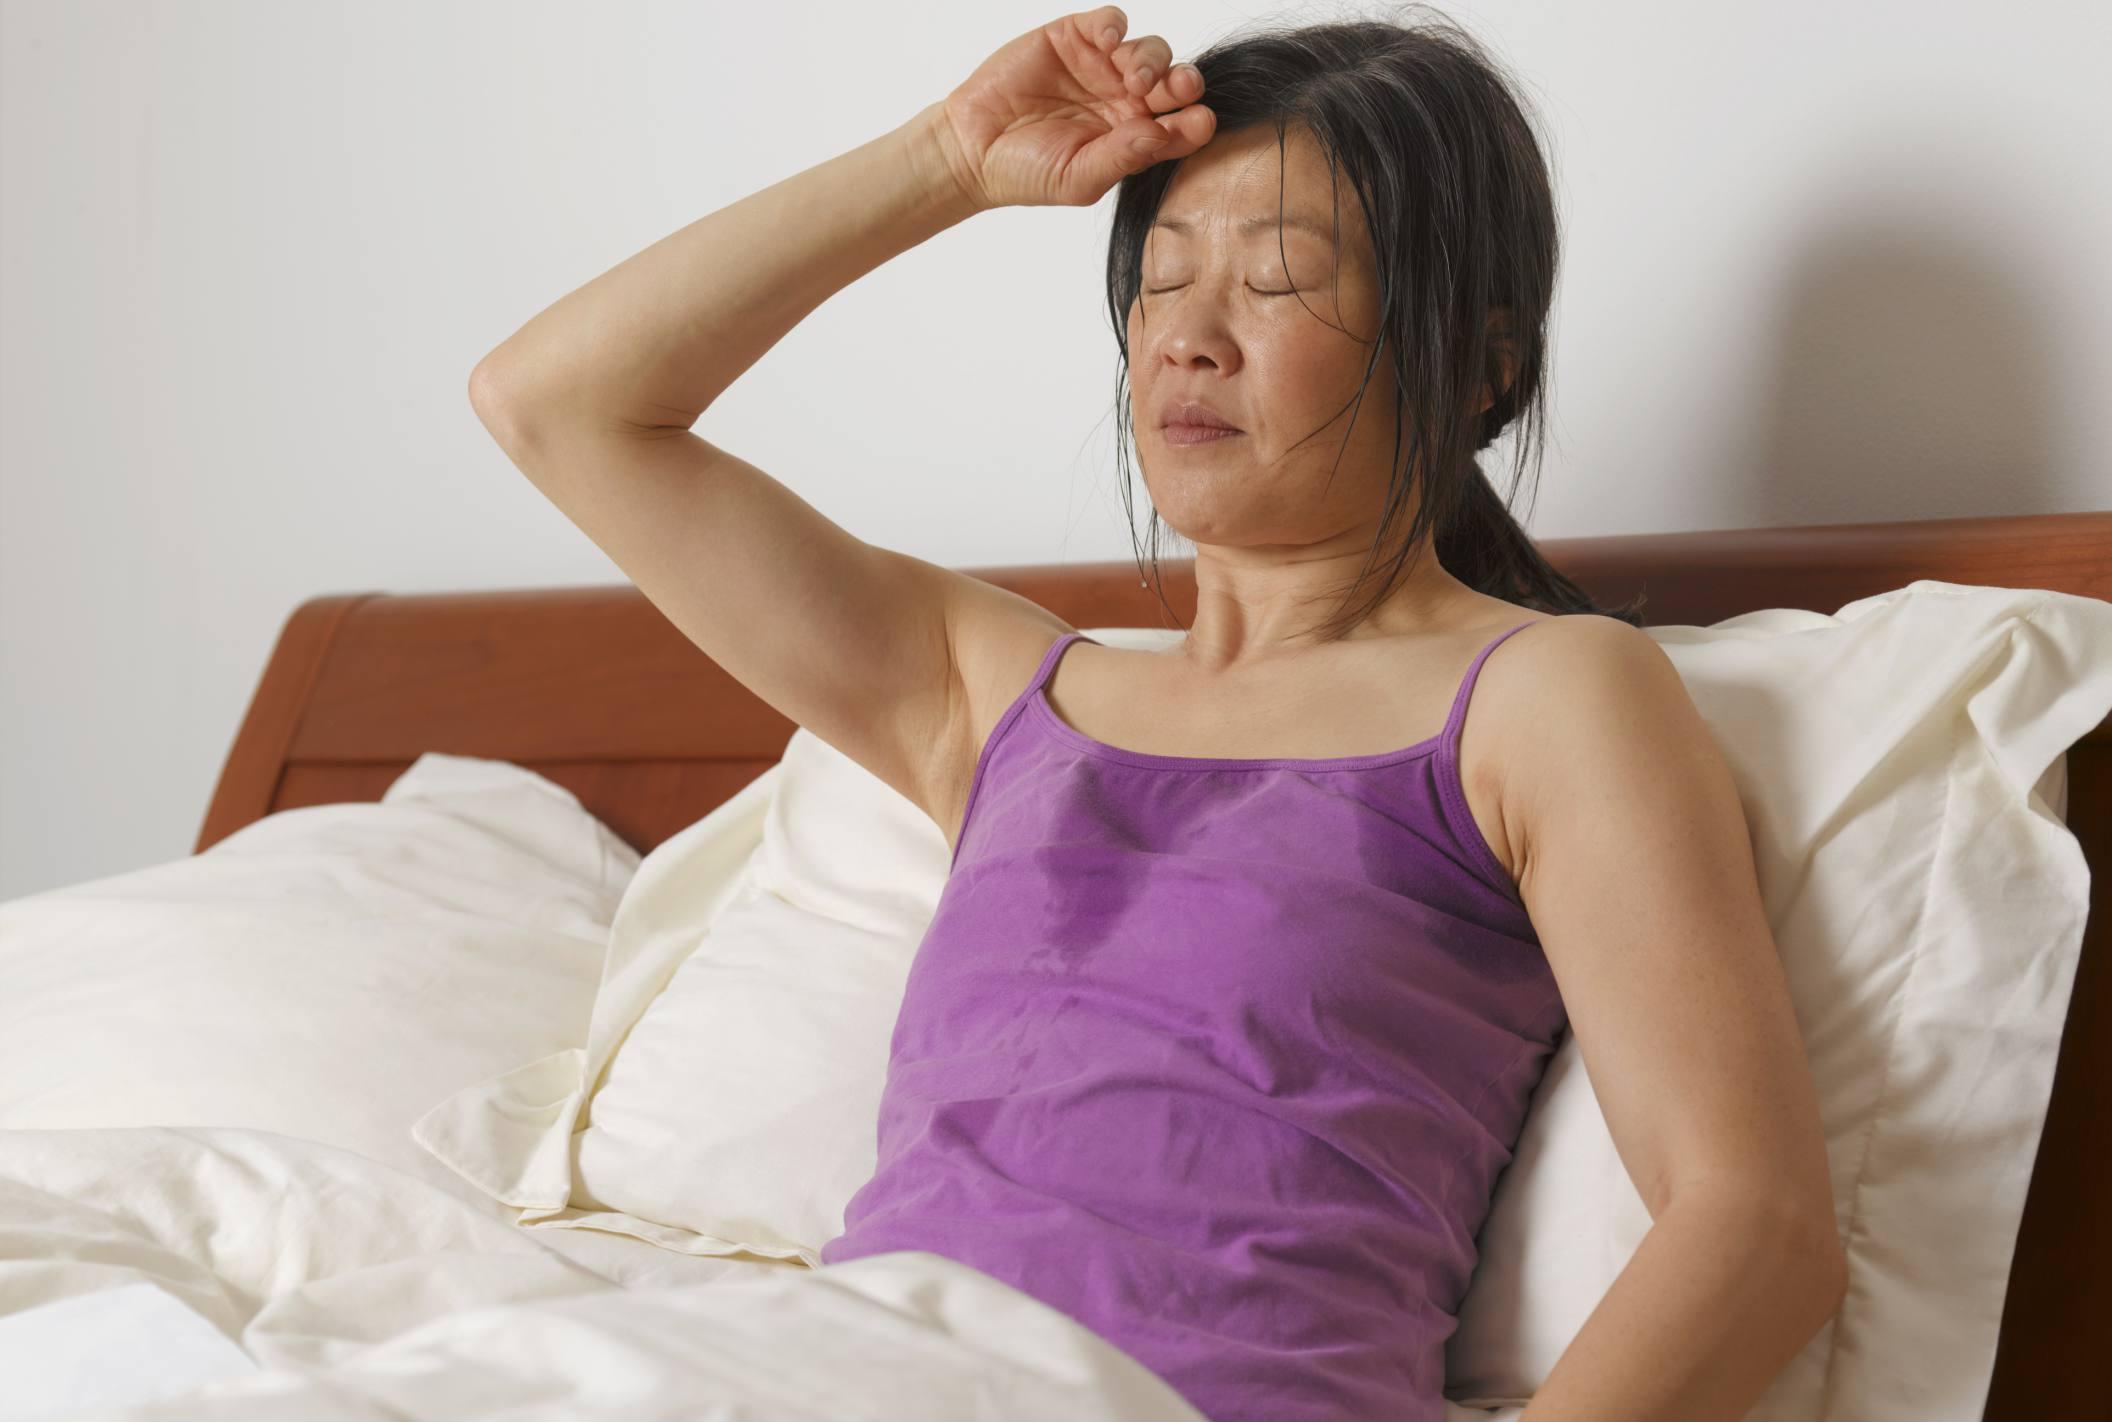 sweaty woman in bed